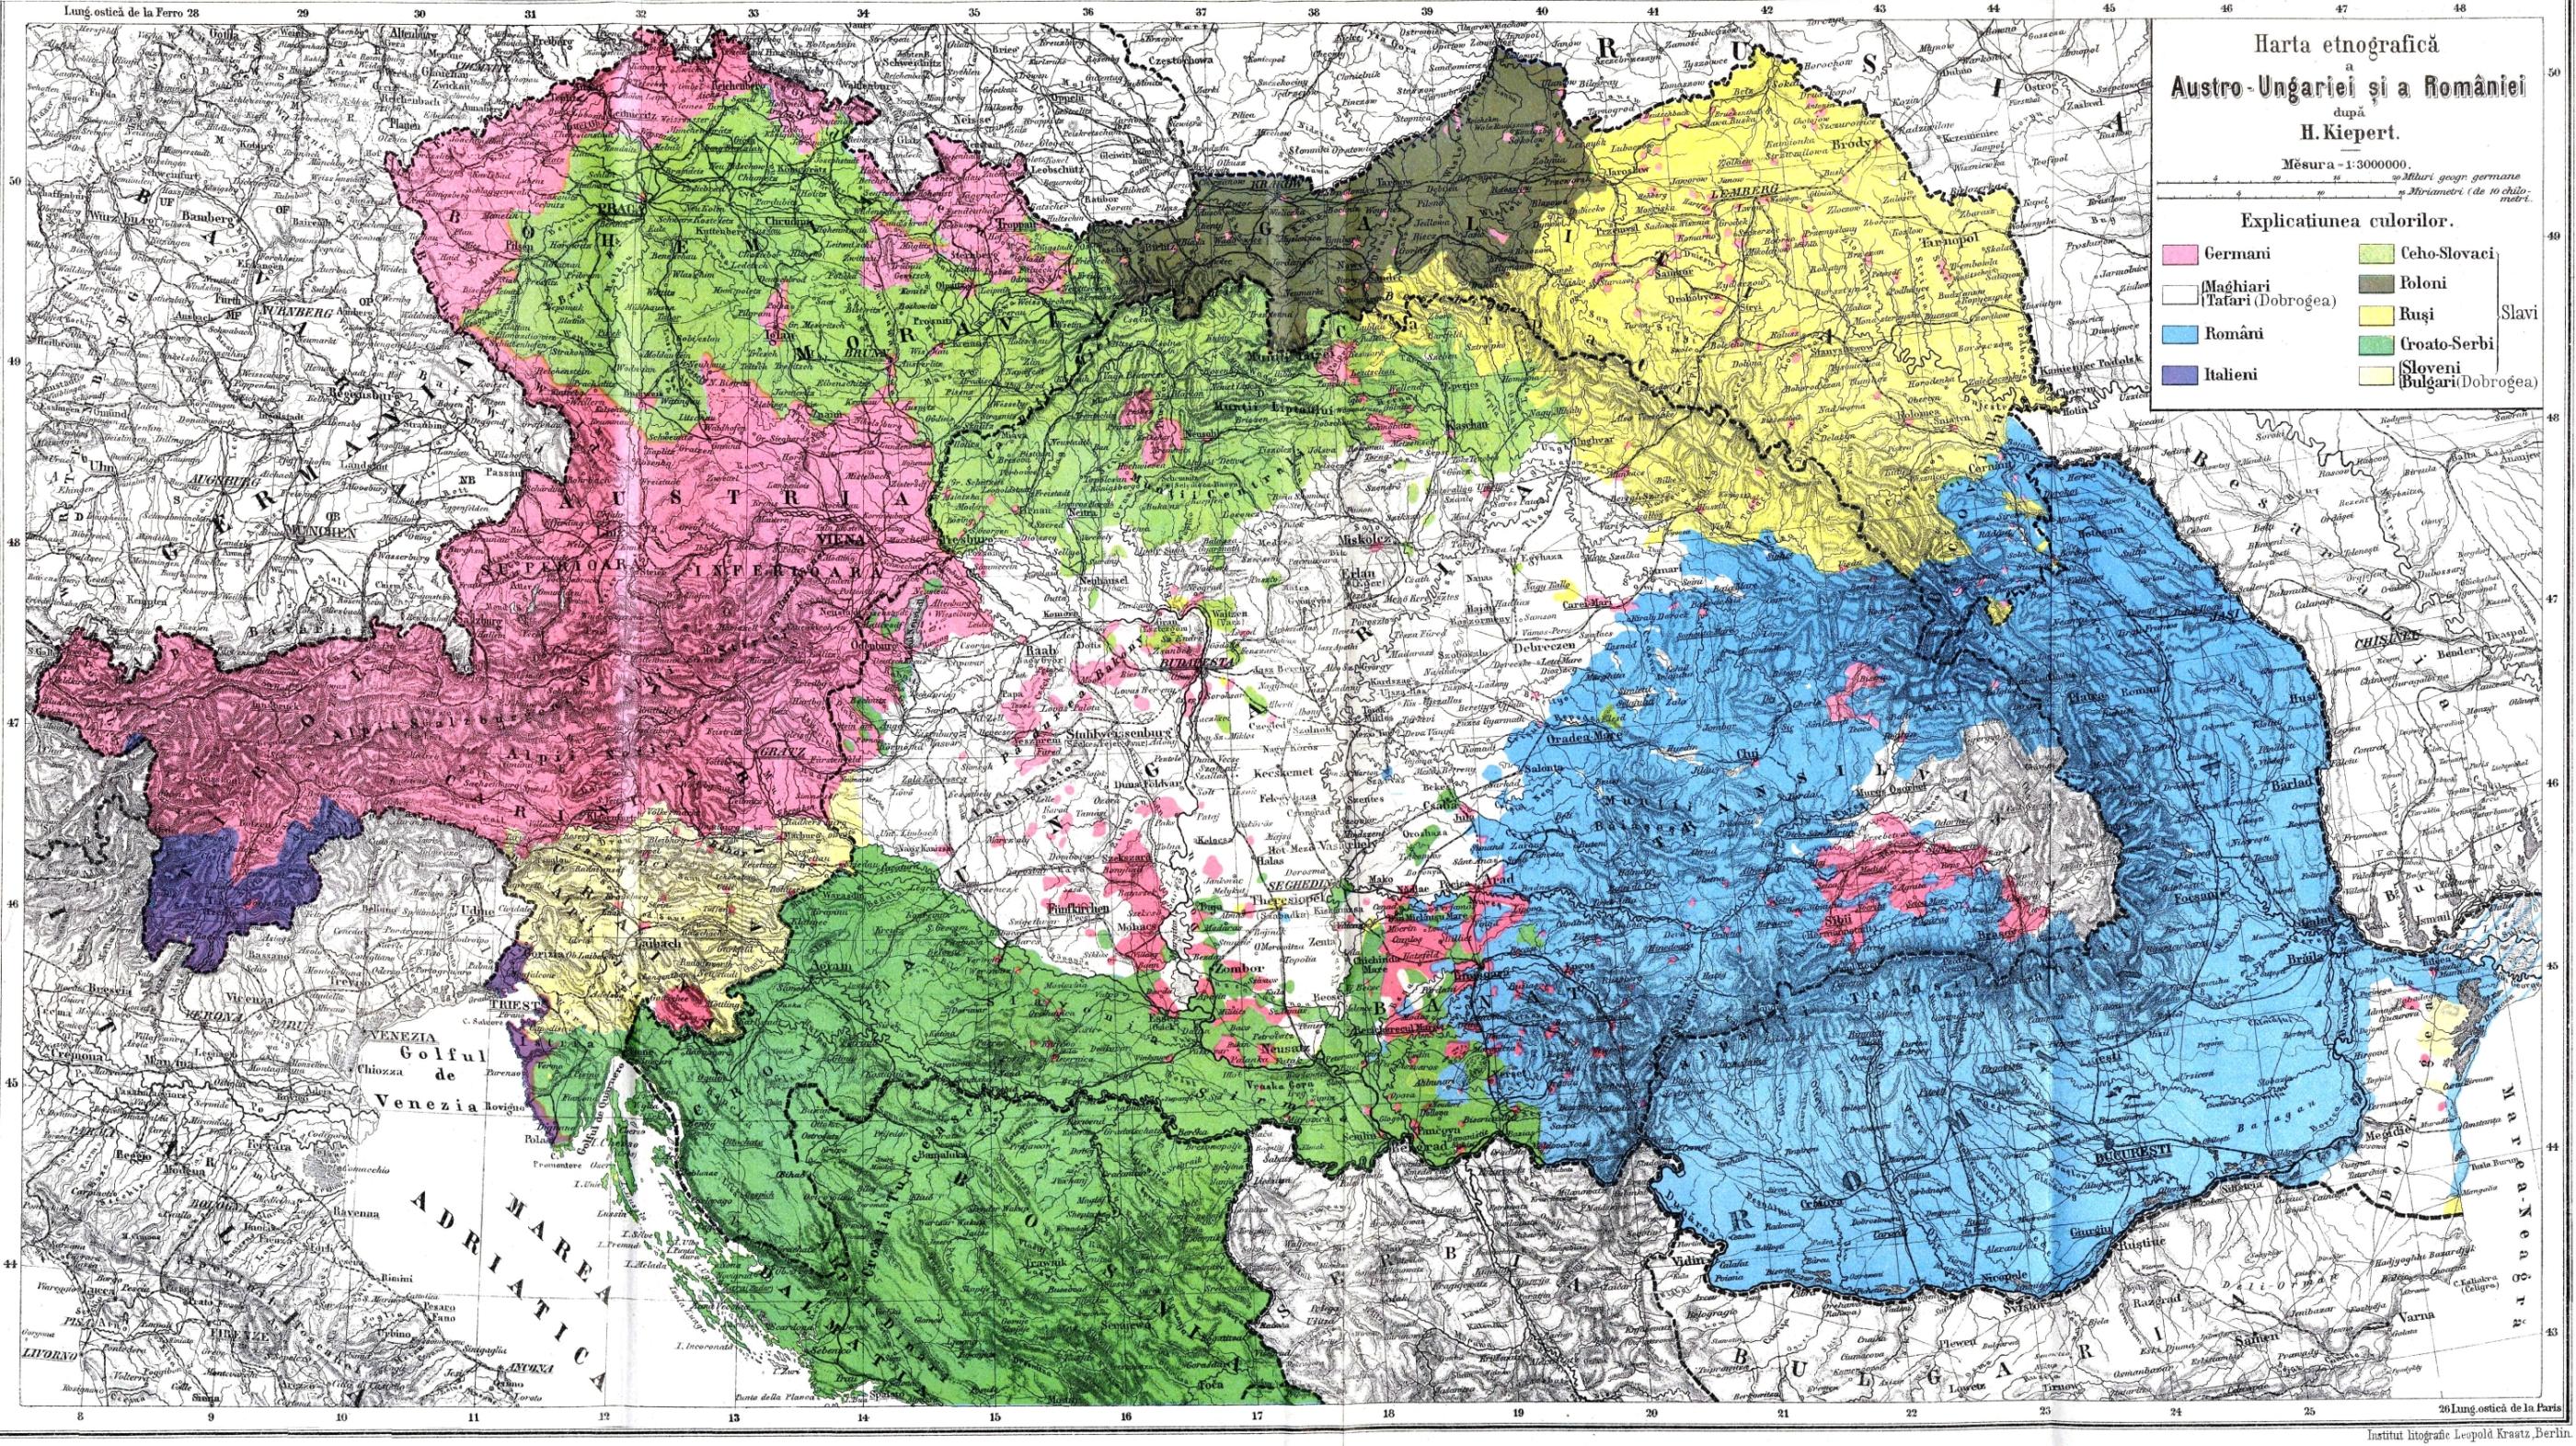 austro-ungaria_si_romania_harta_etnica.jpg